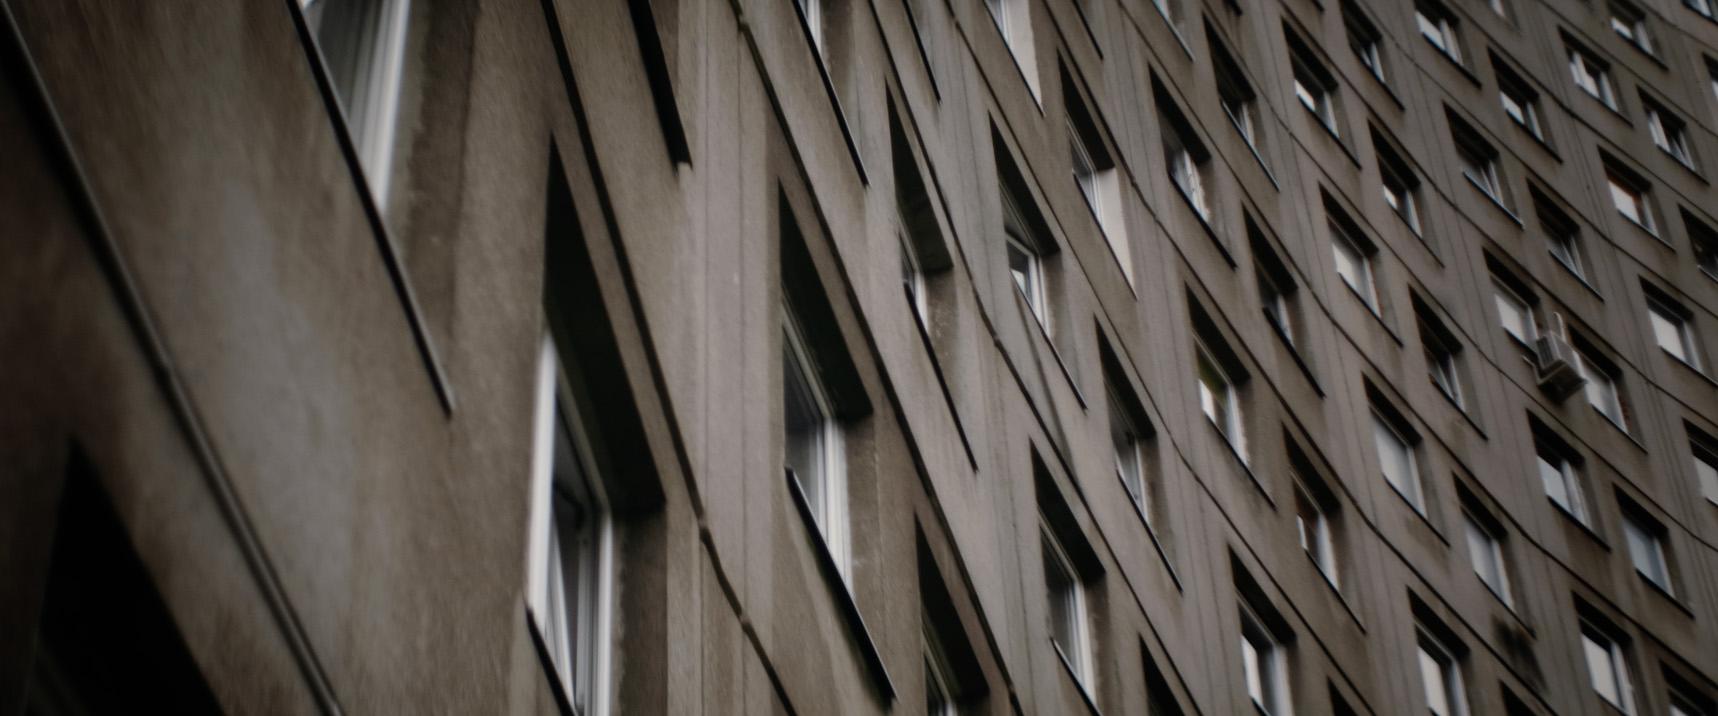 vilnius windows by jevgenij tichonov.jpg